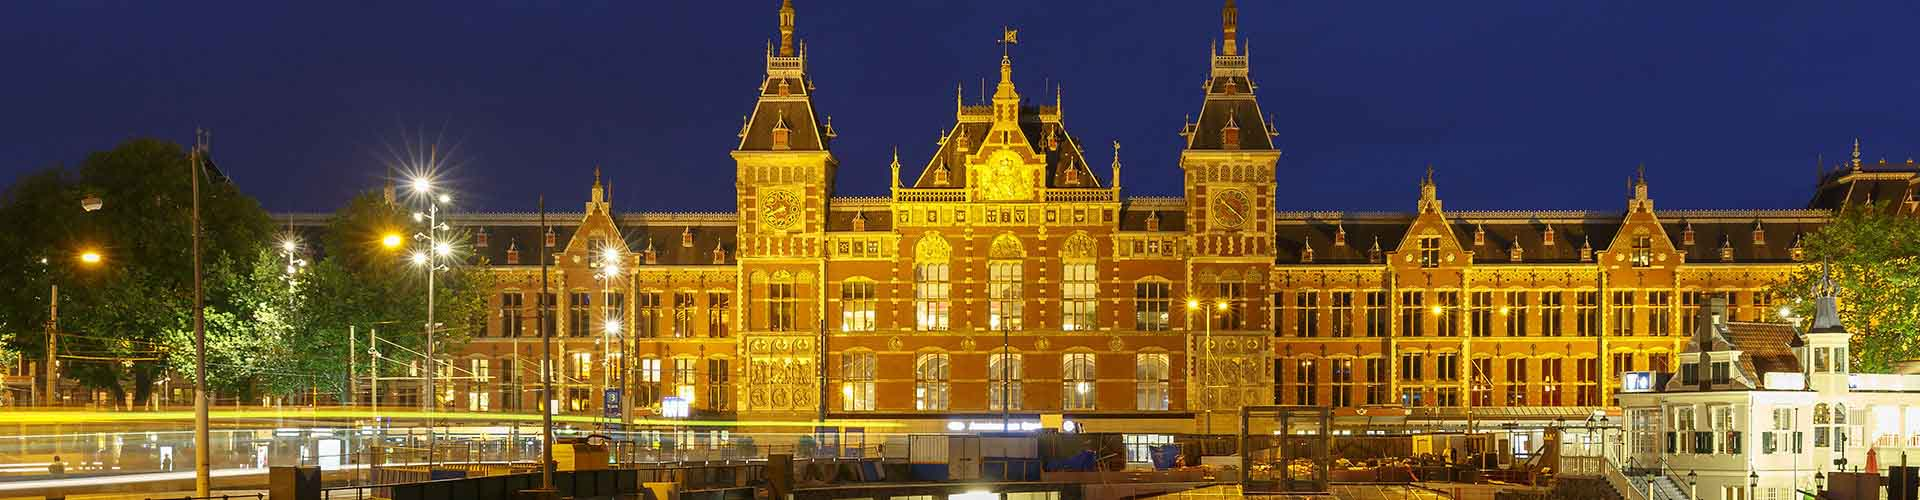 Amsterdam - Appartements près de Amsterdam Centraal railway station. Cartes pour Amsterdam, photos et commentaires pour chaque appartement à Amsterdam.